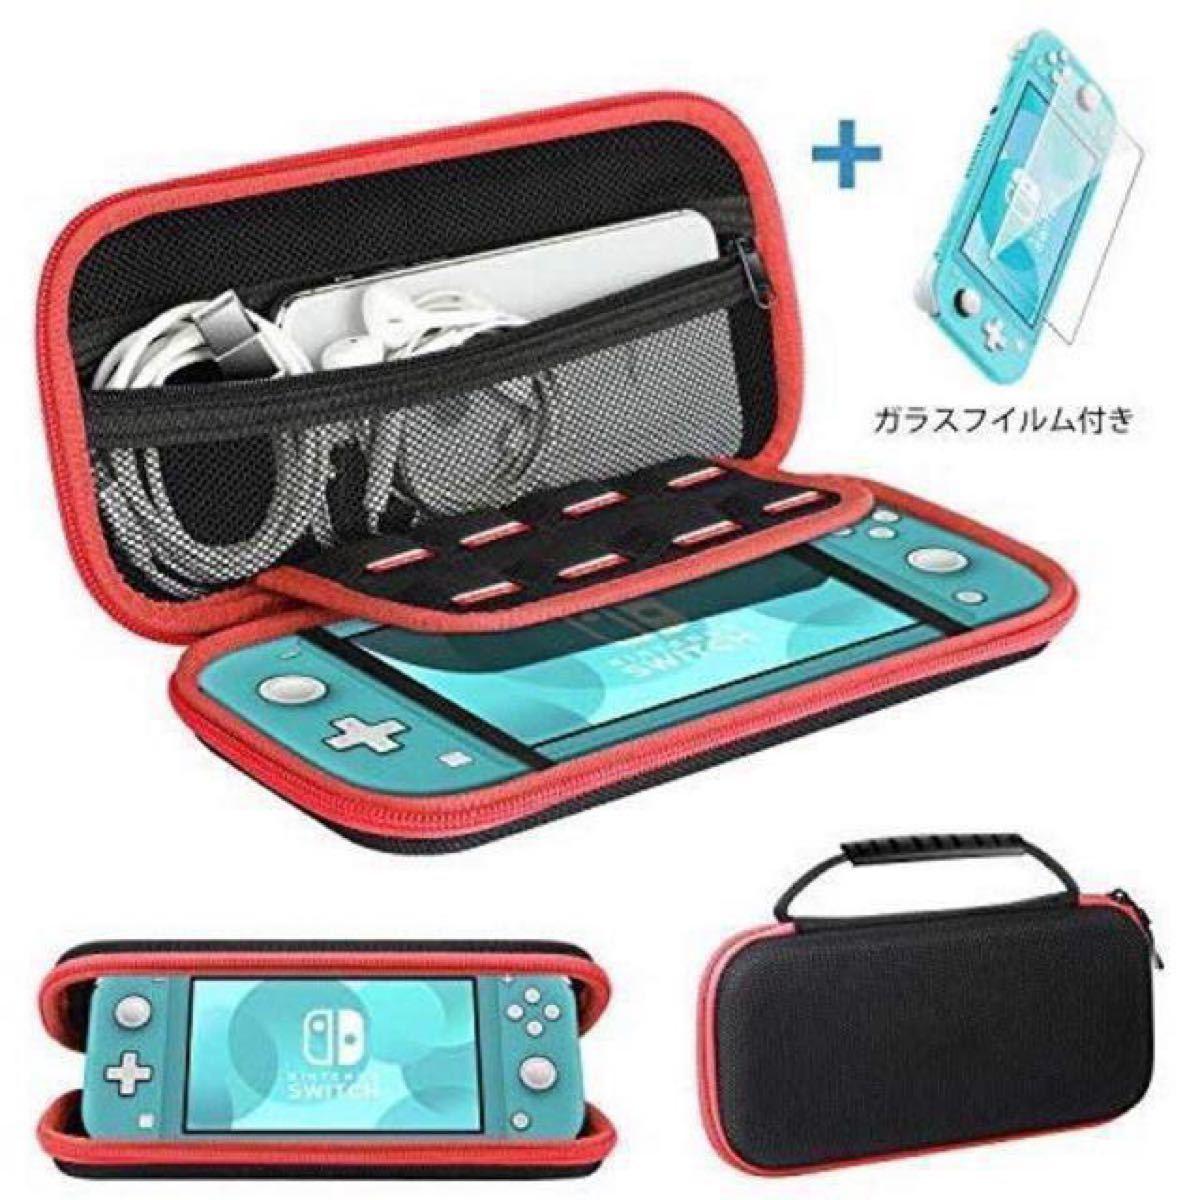 Nintendo Switch lite ケース ニンテンドースイッチライト収納バッグ 全面保護 防塵 防水 耐衝撃 軽量